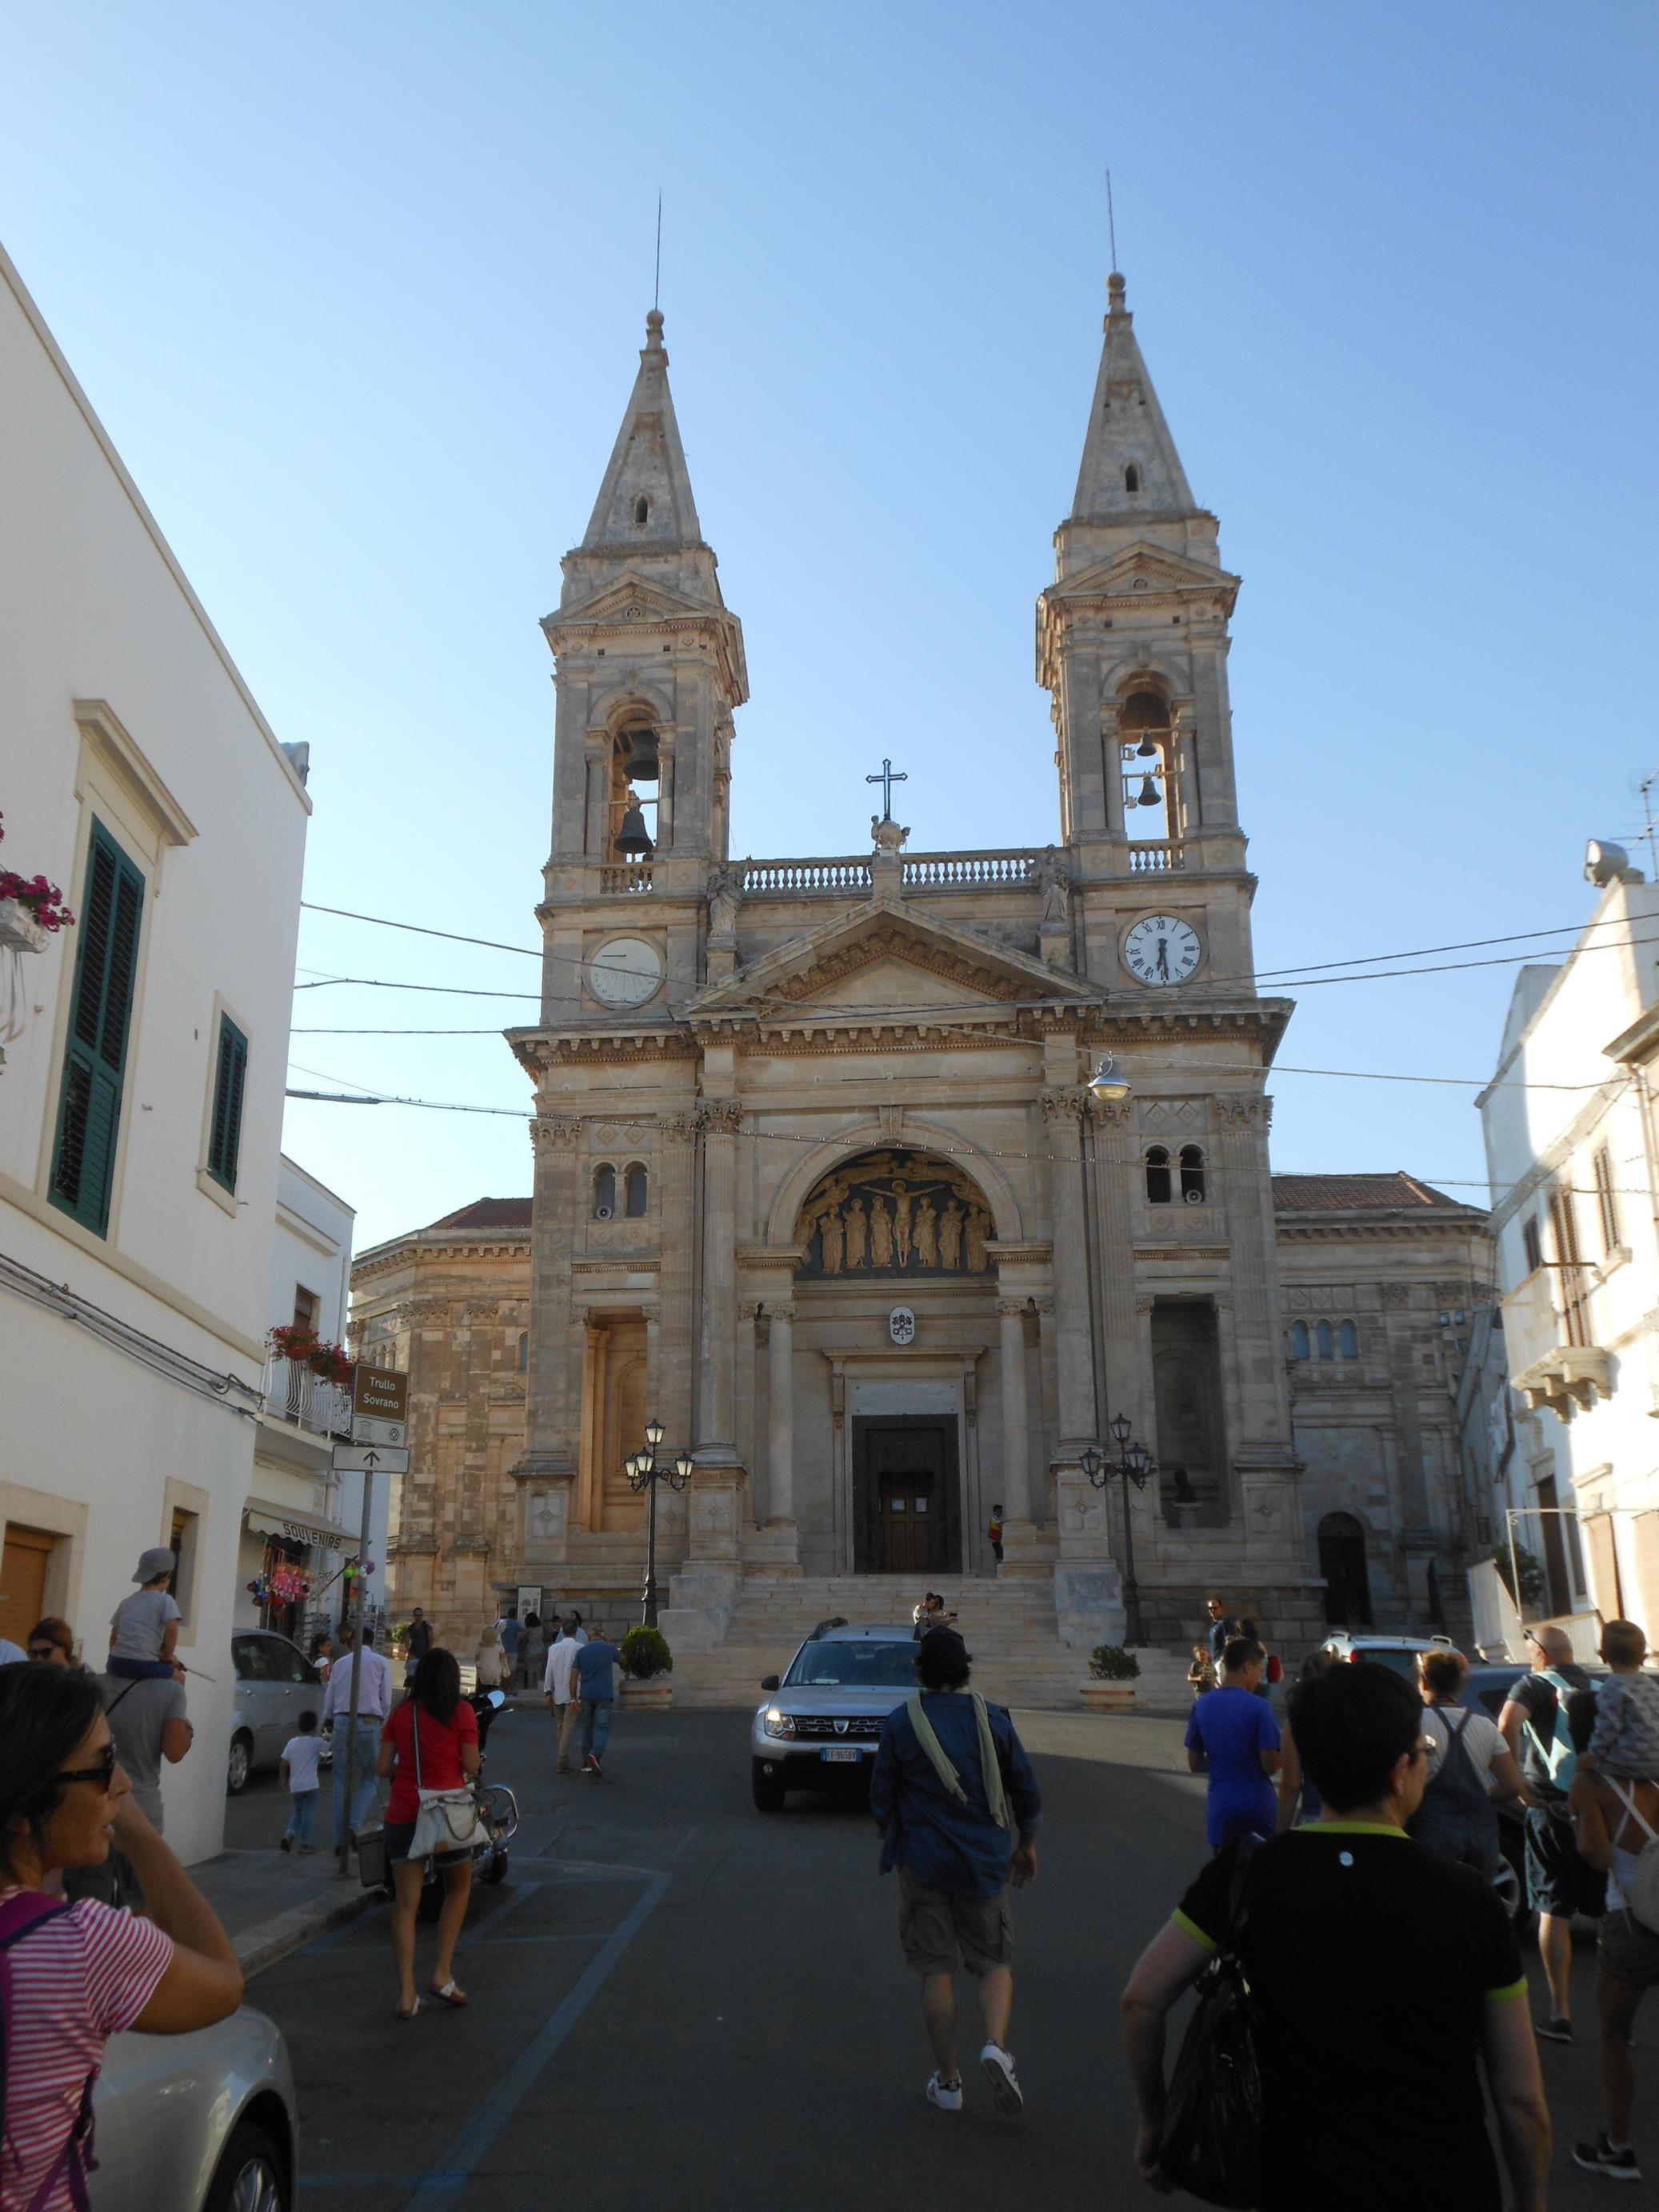 Santuario Basílica de S.S. Cosma e Damiano